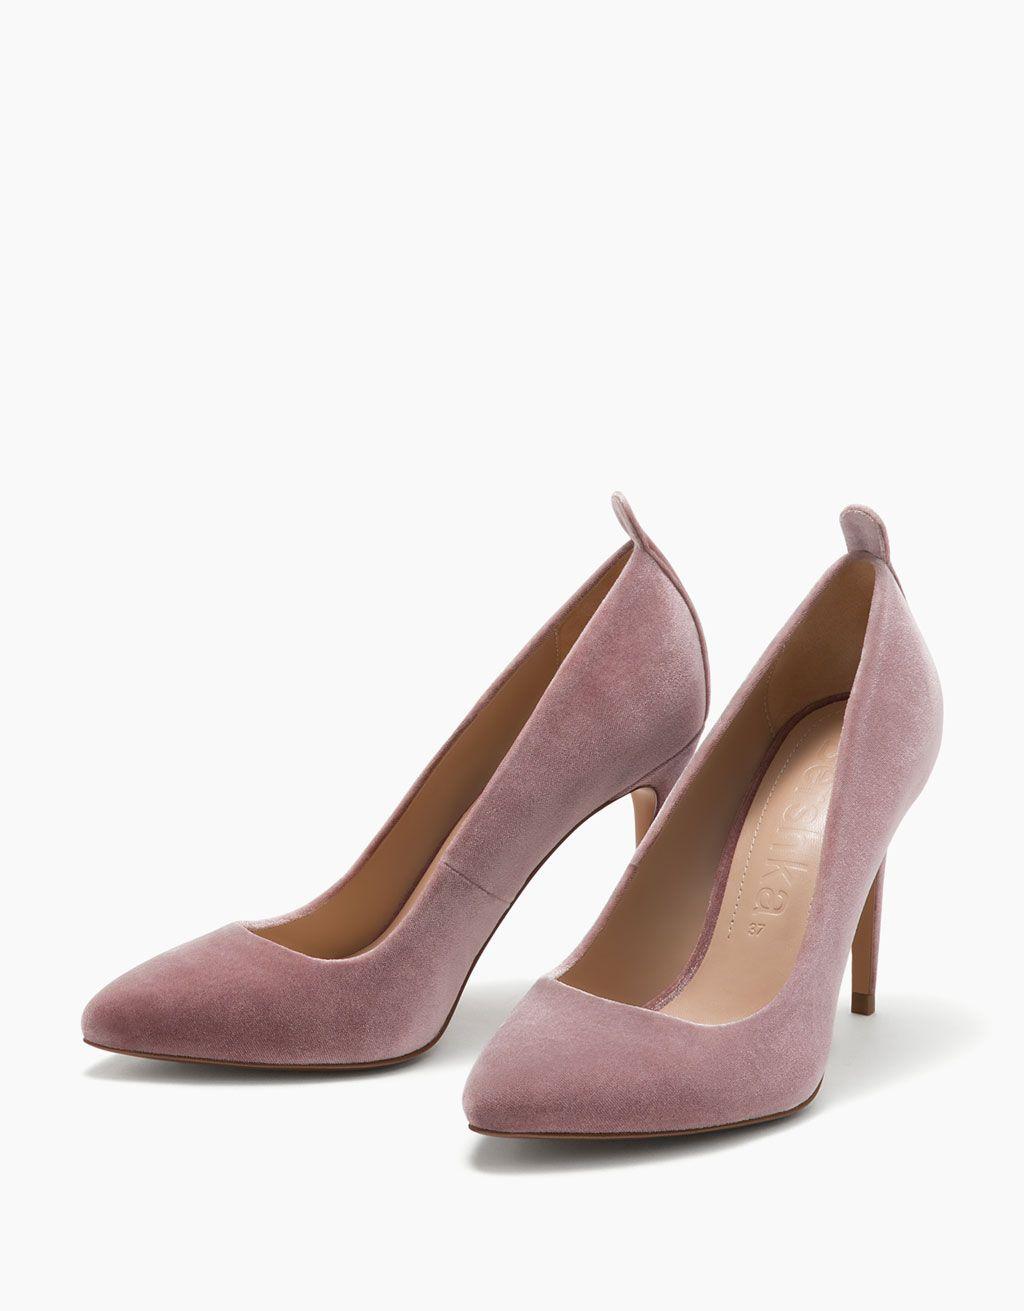 Rosa shoes Abril Rosa Y Cuero Pálido Bailarinas 8vwtU